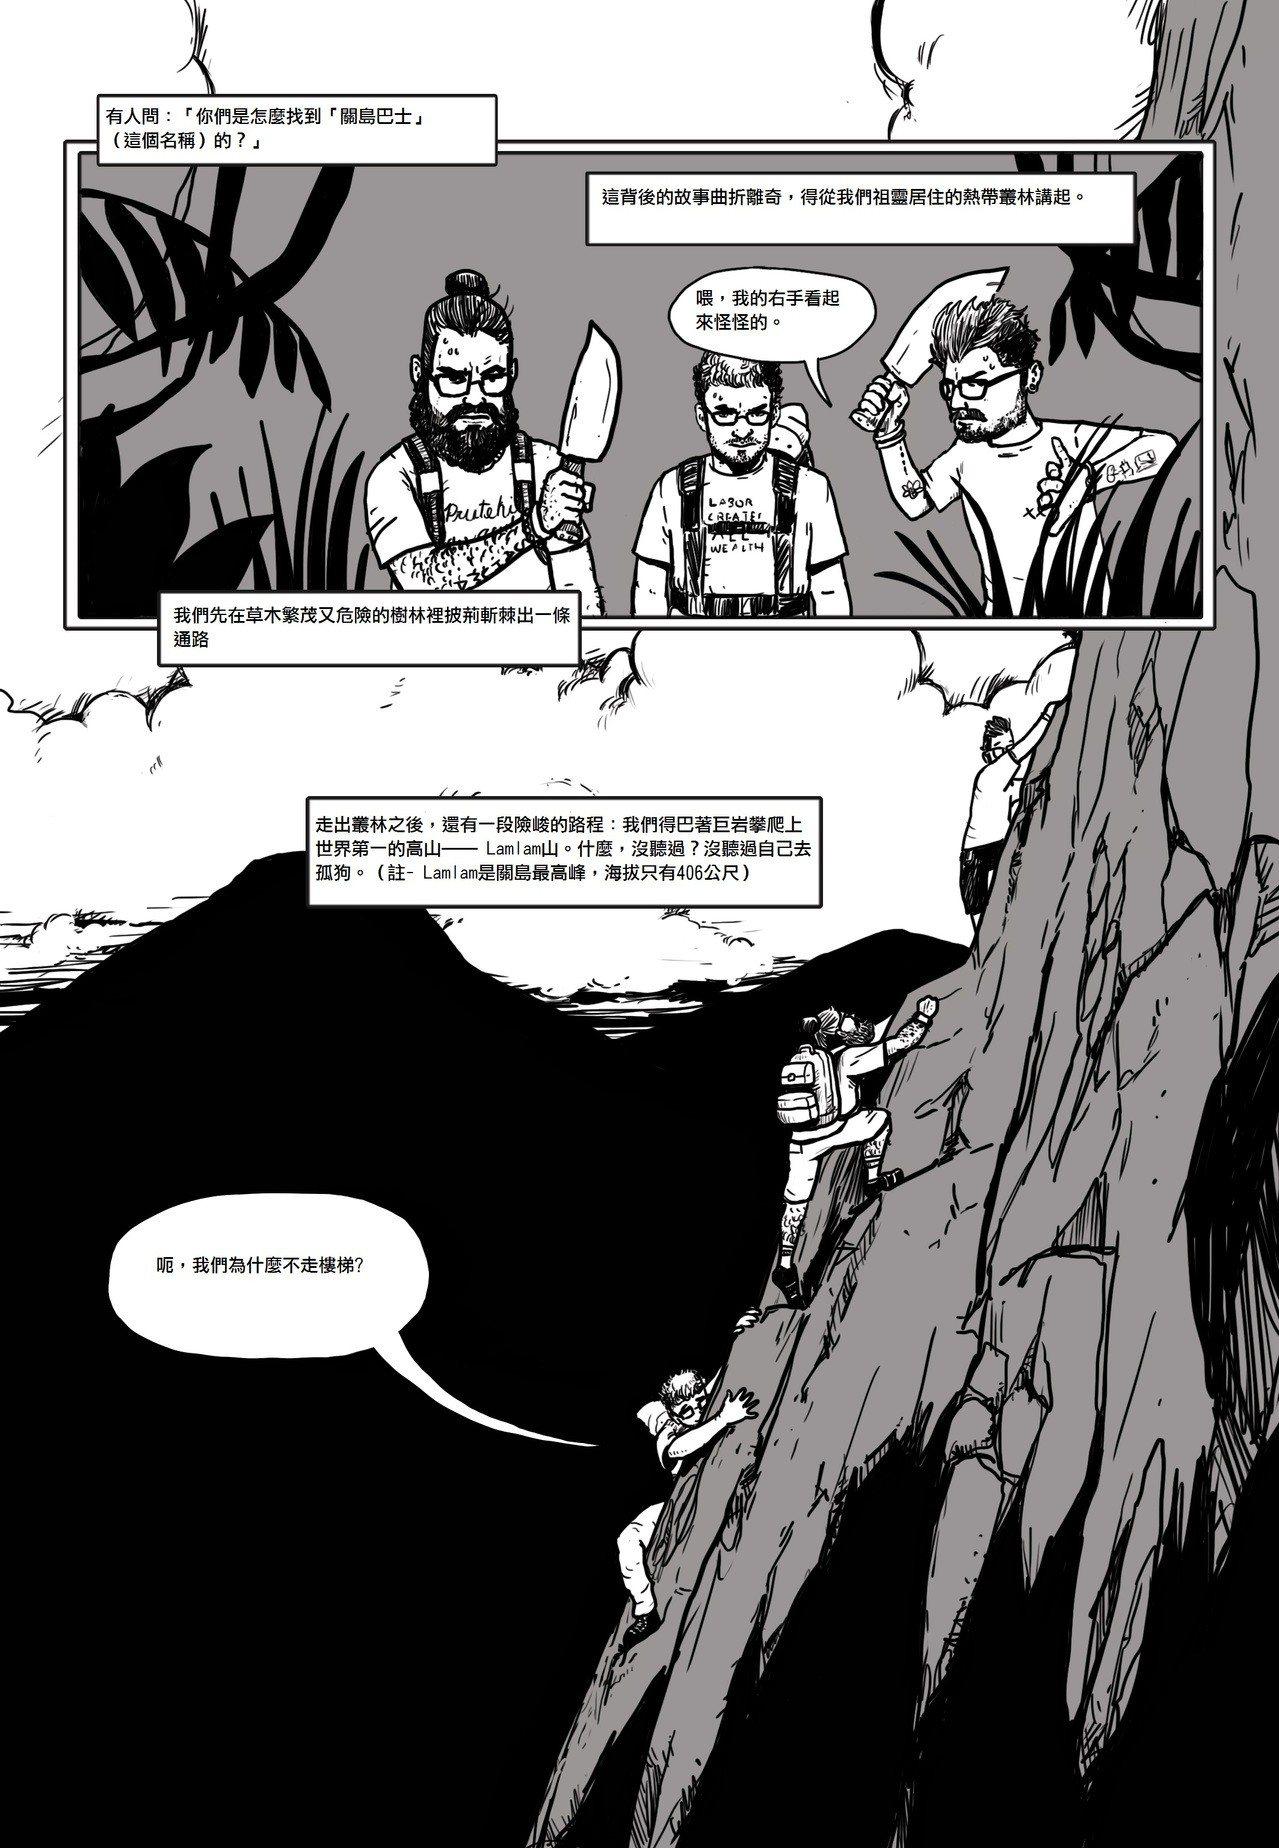 三兄弟在漫畫中的互動有趣。 圖/慢工出版提供